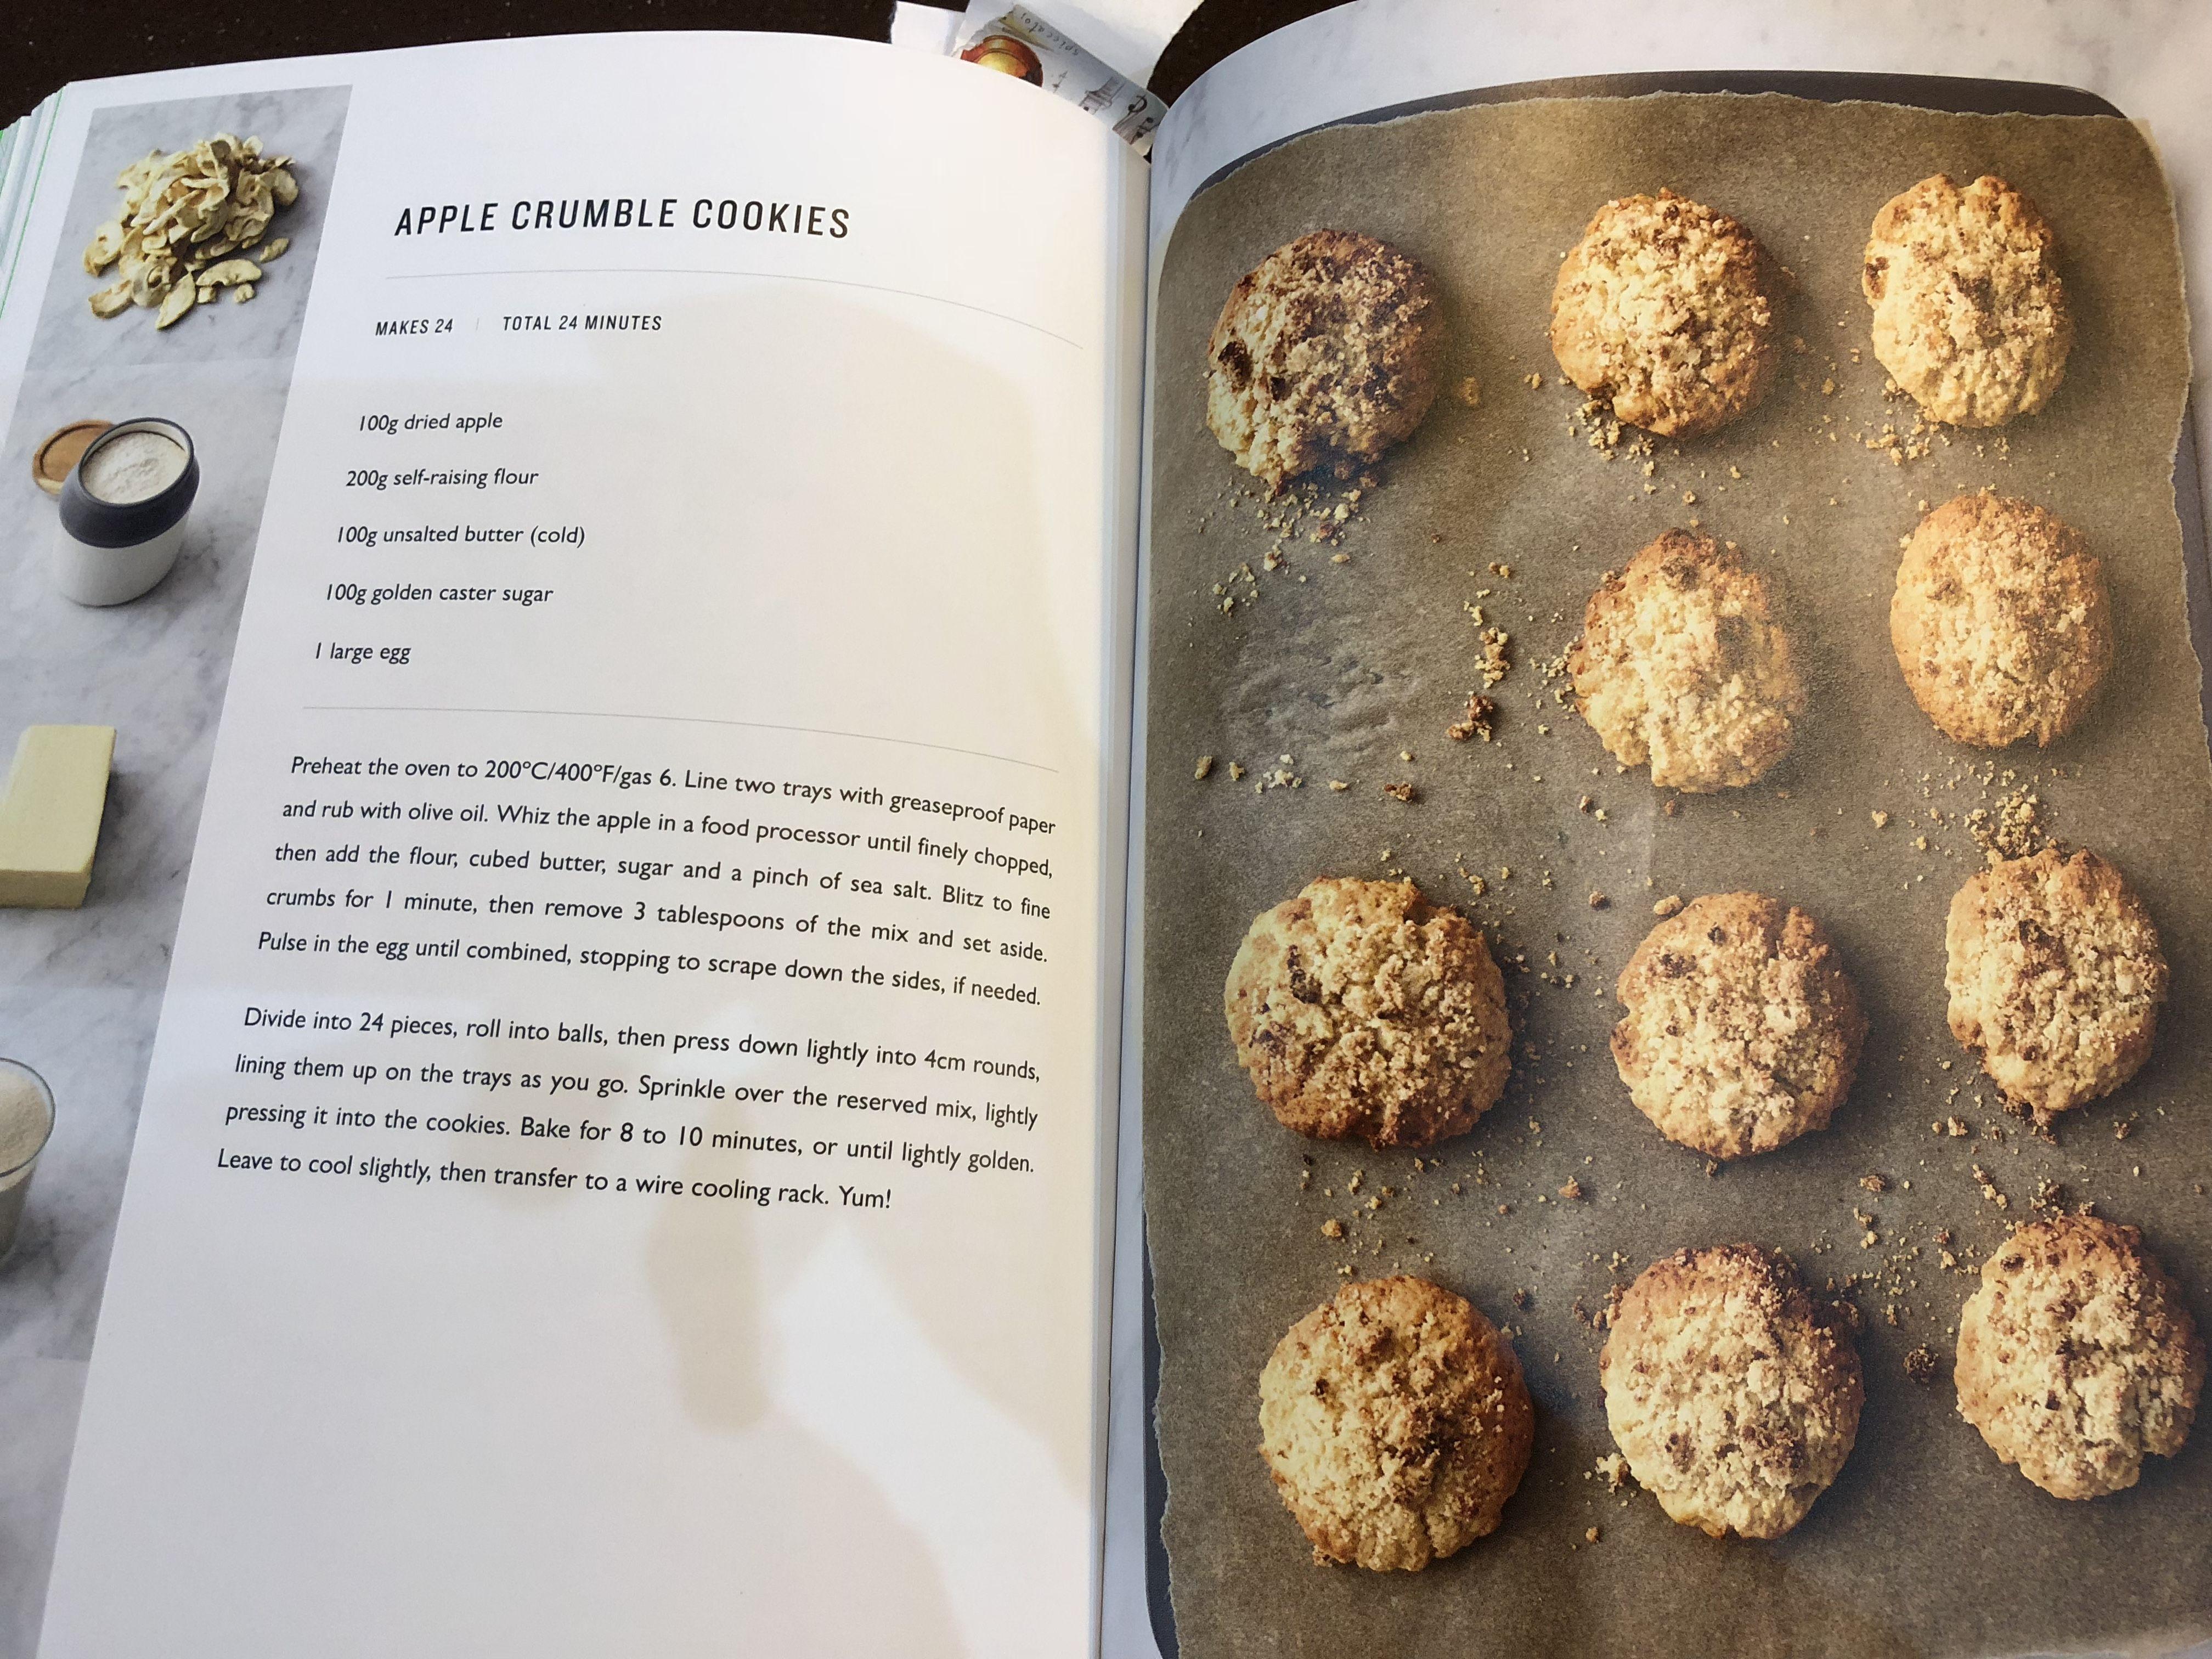 Apple Crumble Cookies Jamie Oliver 5 Ingredients Jamie Oliver